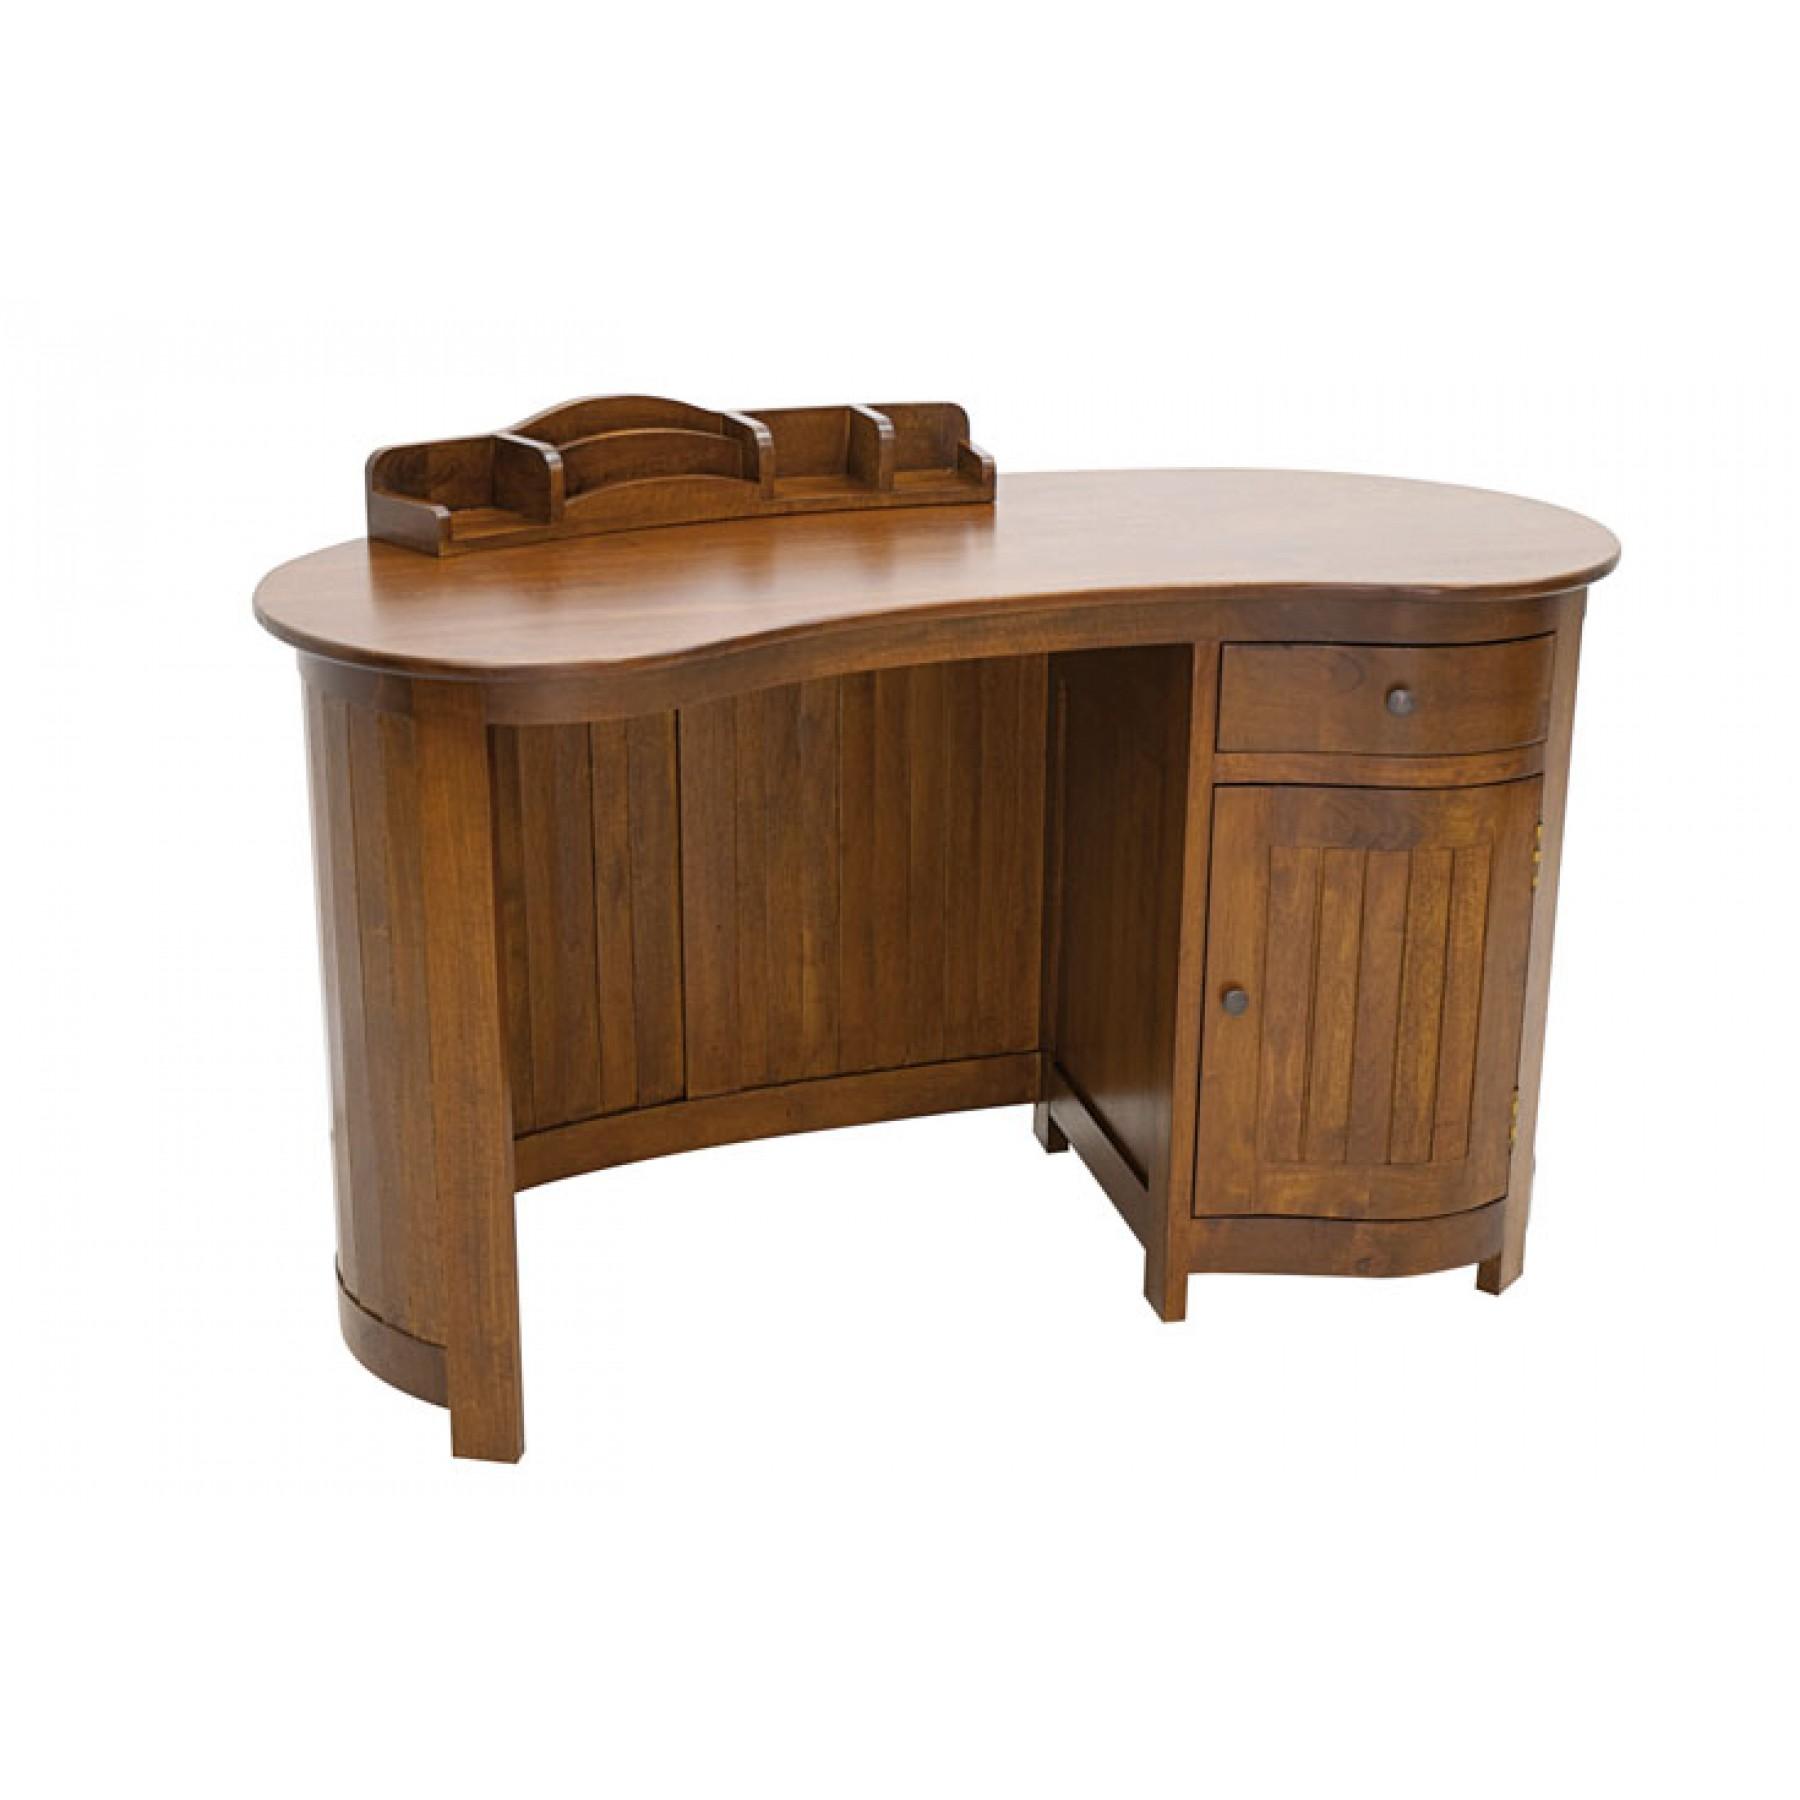 Bureau forme haricot en bois 1 porte 1 tiroir par Nomadde - meubles design